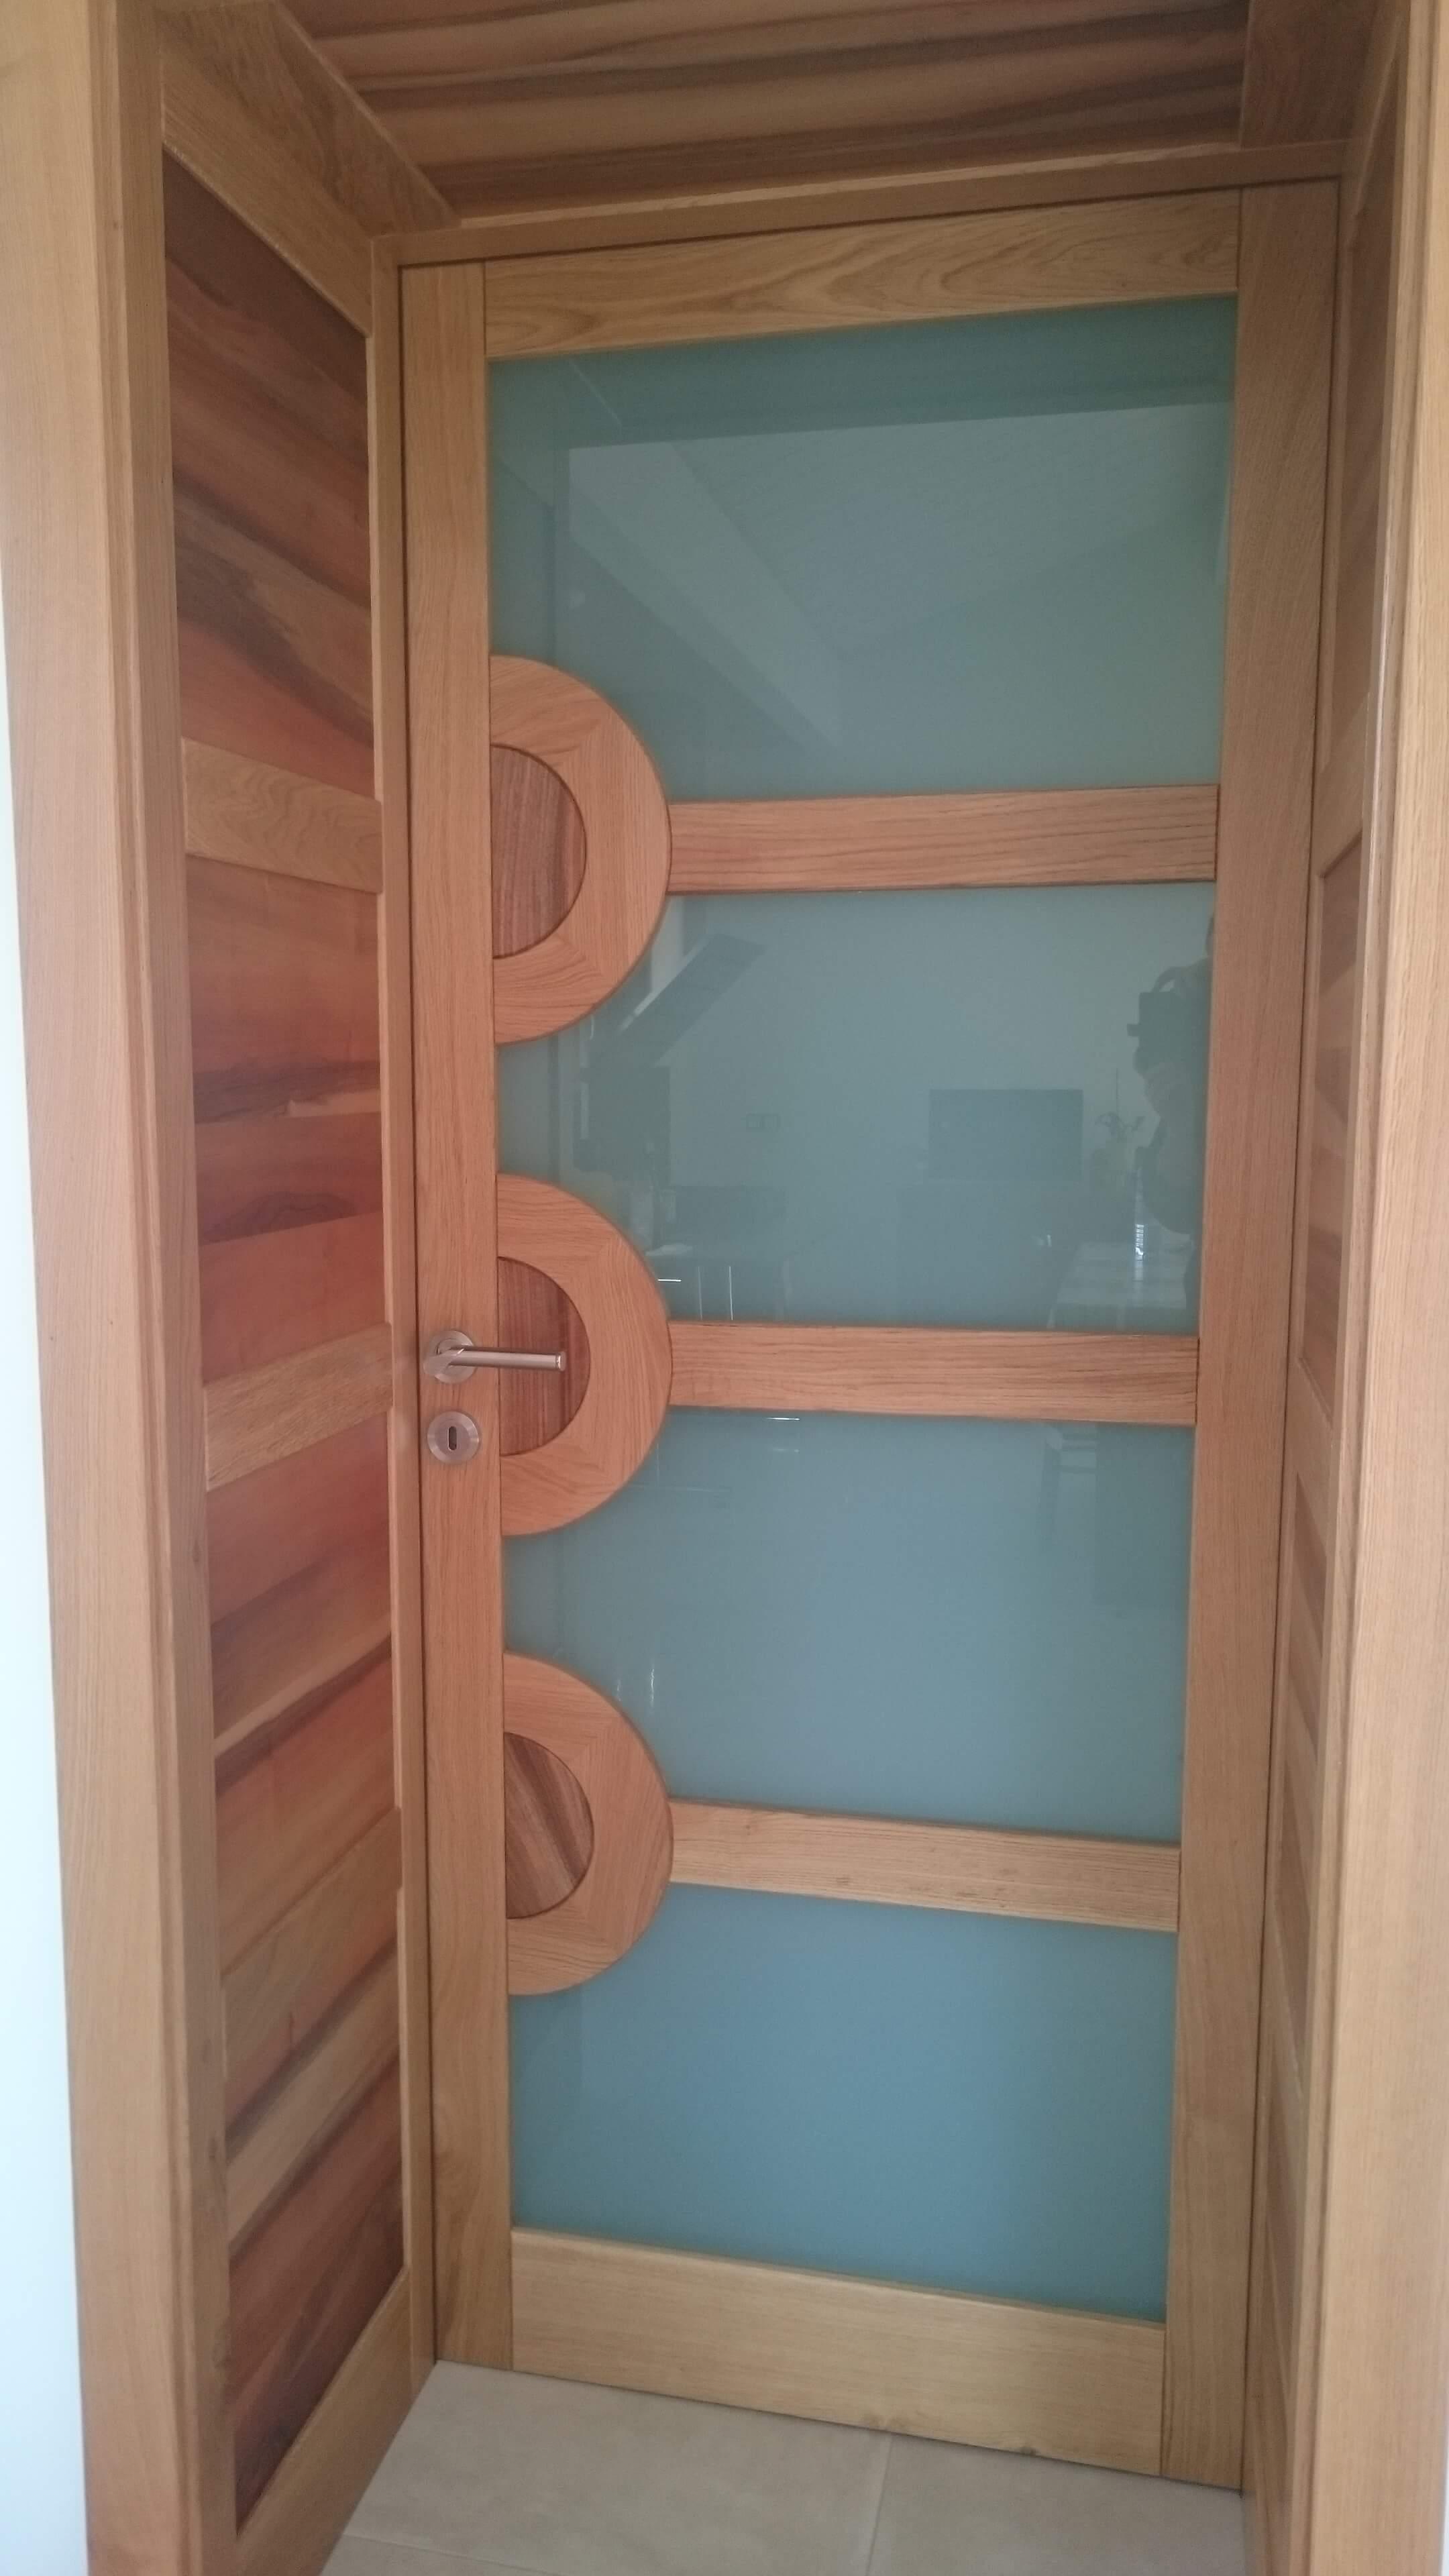 Menuiserie Figard - Fabrication sur mesure - Porte d'intérieure - Chêne noyer vitrage opale- Vesoul